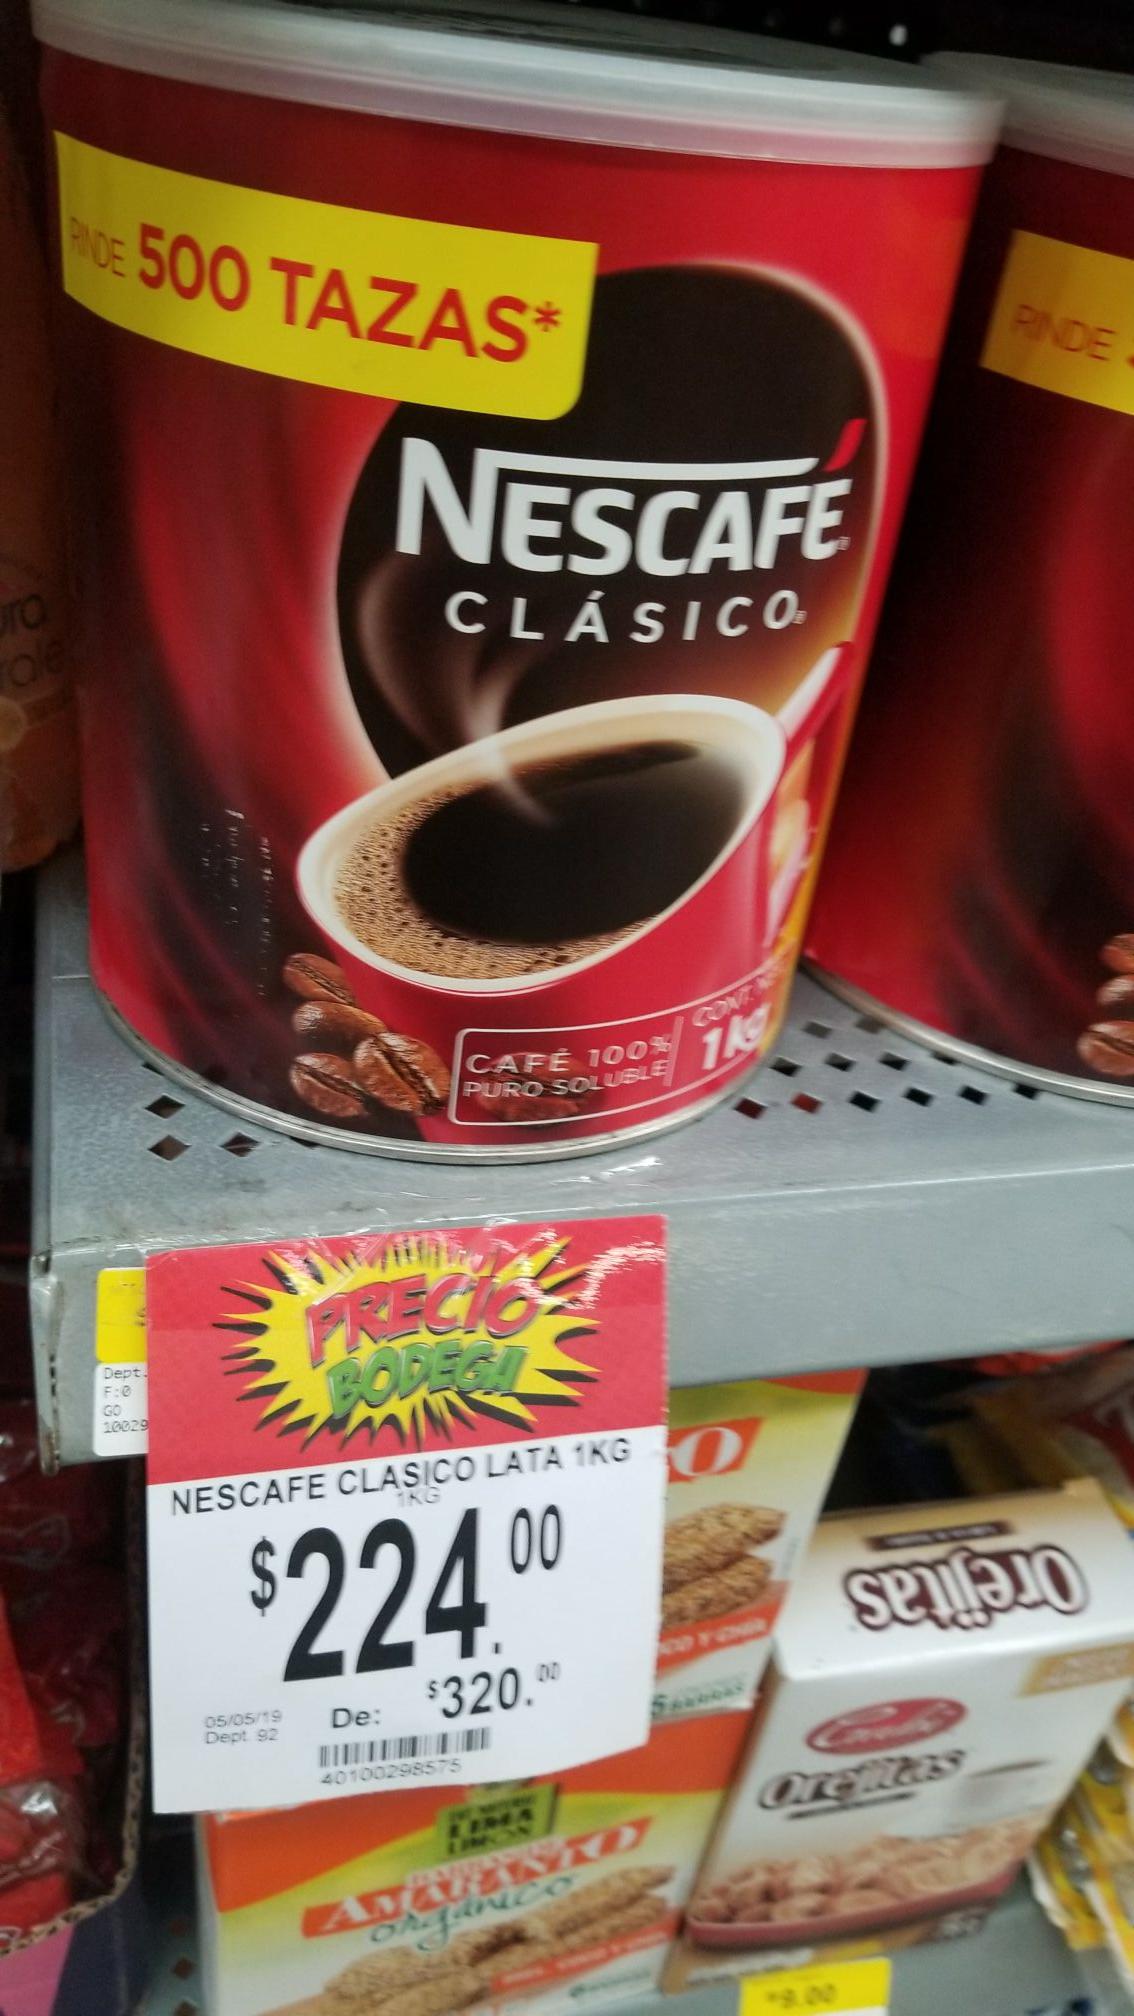 Bodega Aurrera: Nescafe de 1kg a $224